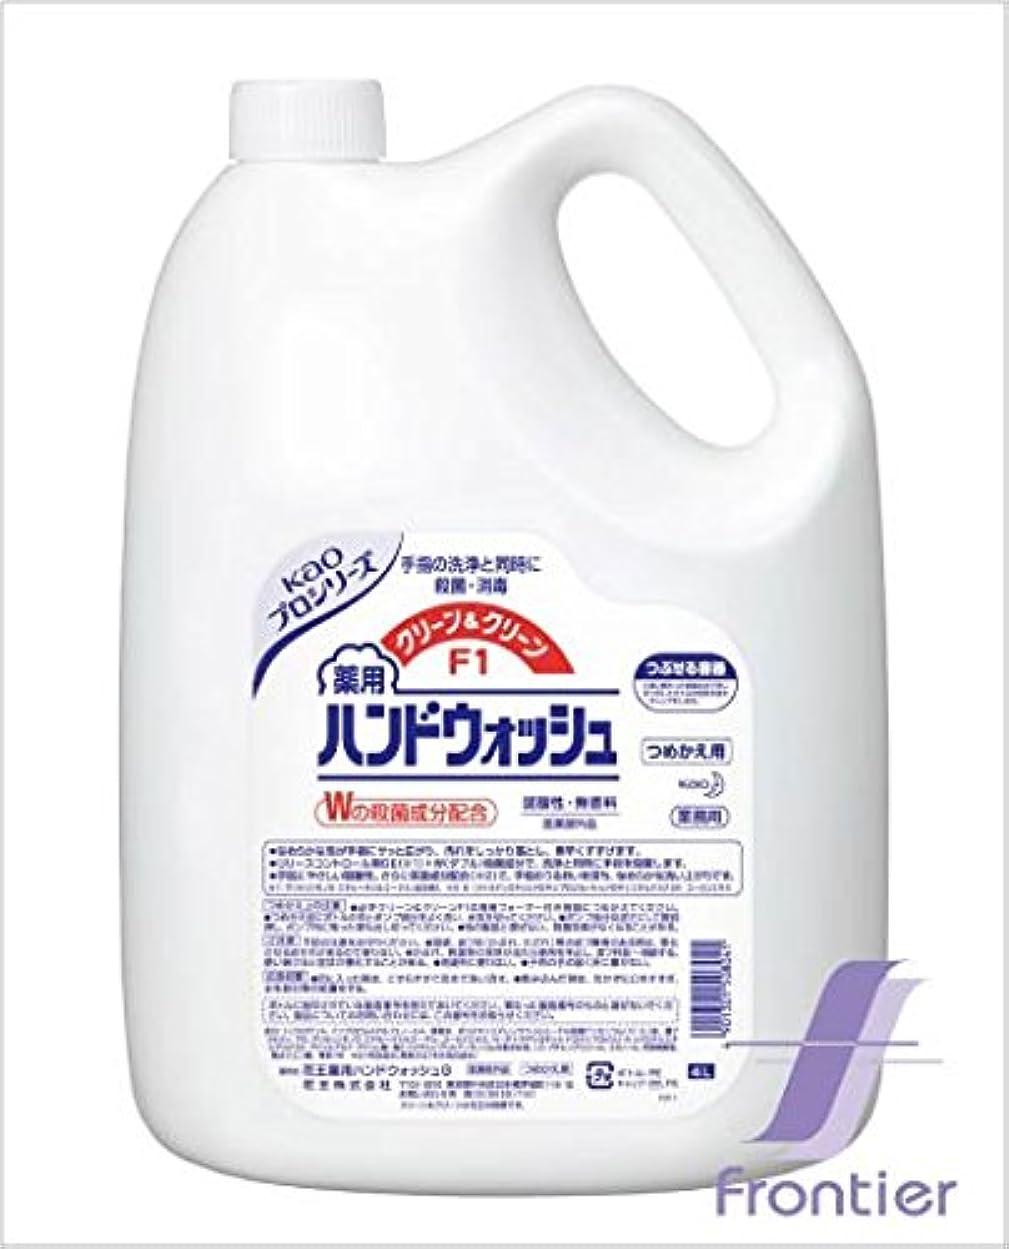 過言熱心なメディック花王 クリーン&クリーンF1 薬用ハンドウォッシュ 4リットル 3缶セット